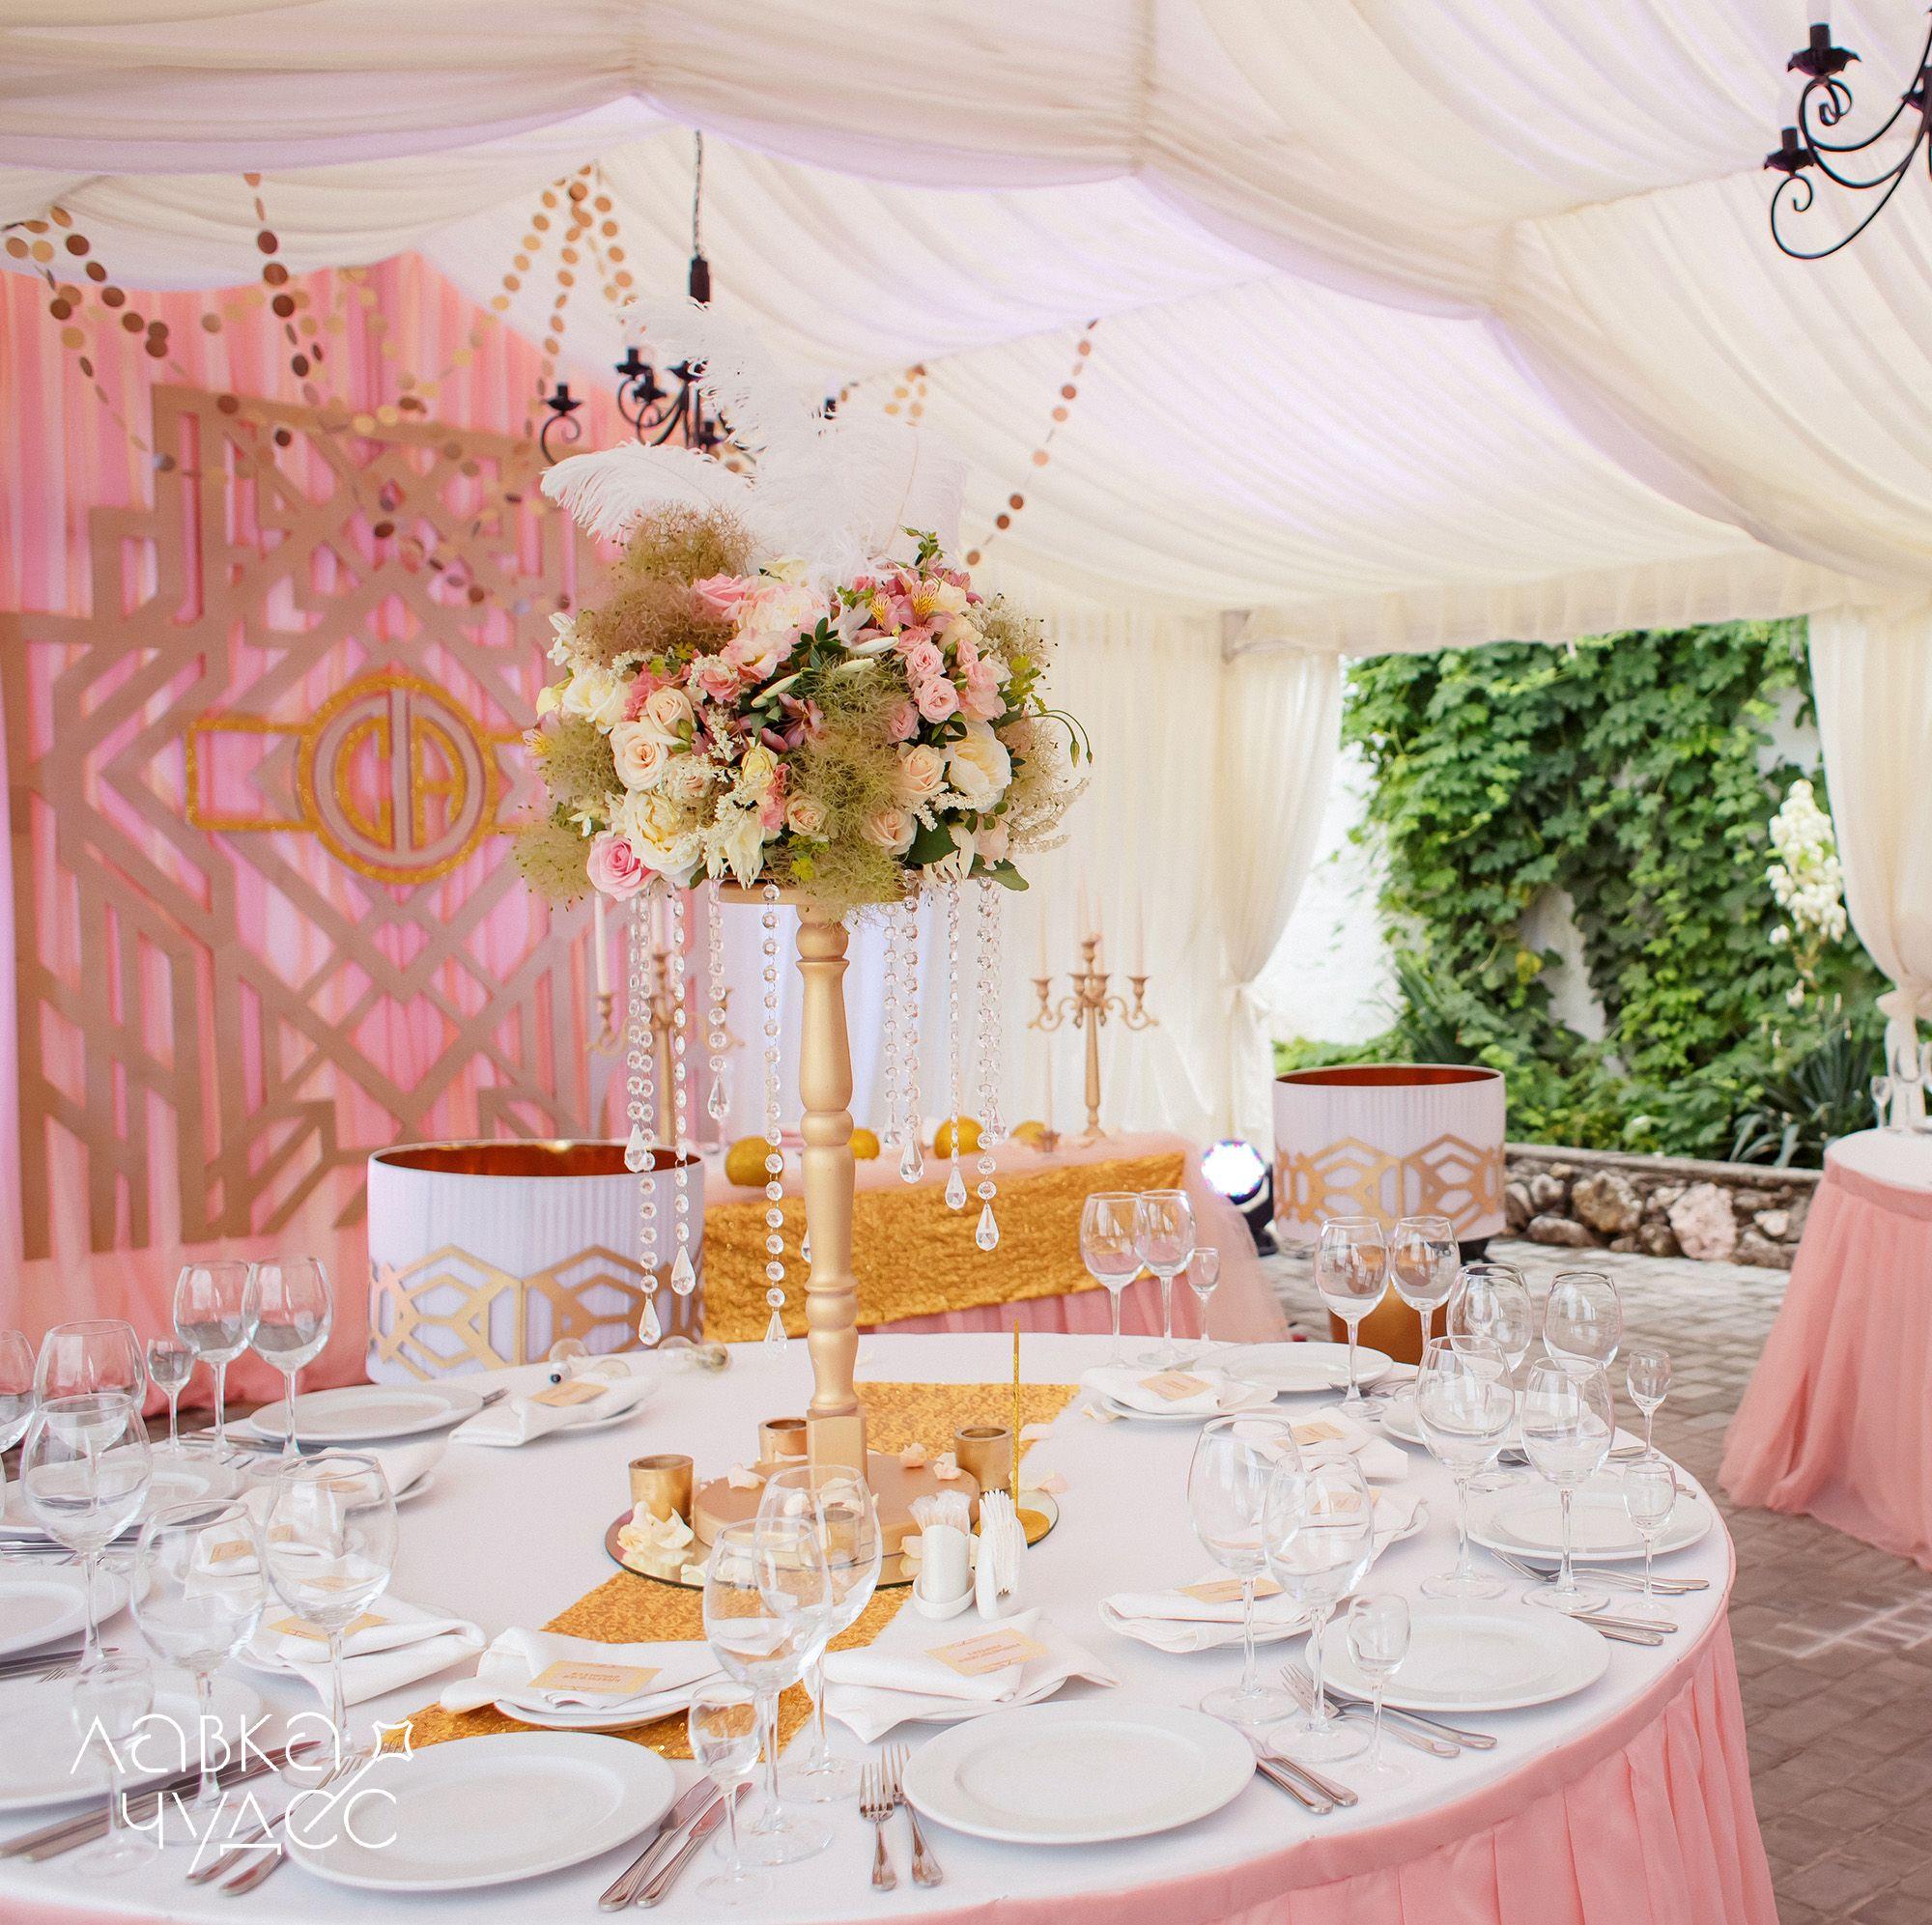 Wedding decor images  Организация Идеальных Свадеб  Wedding organization  Wedding decor